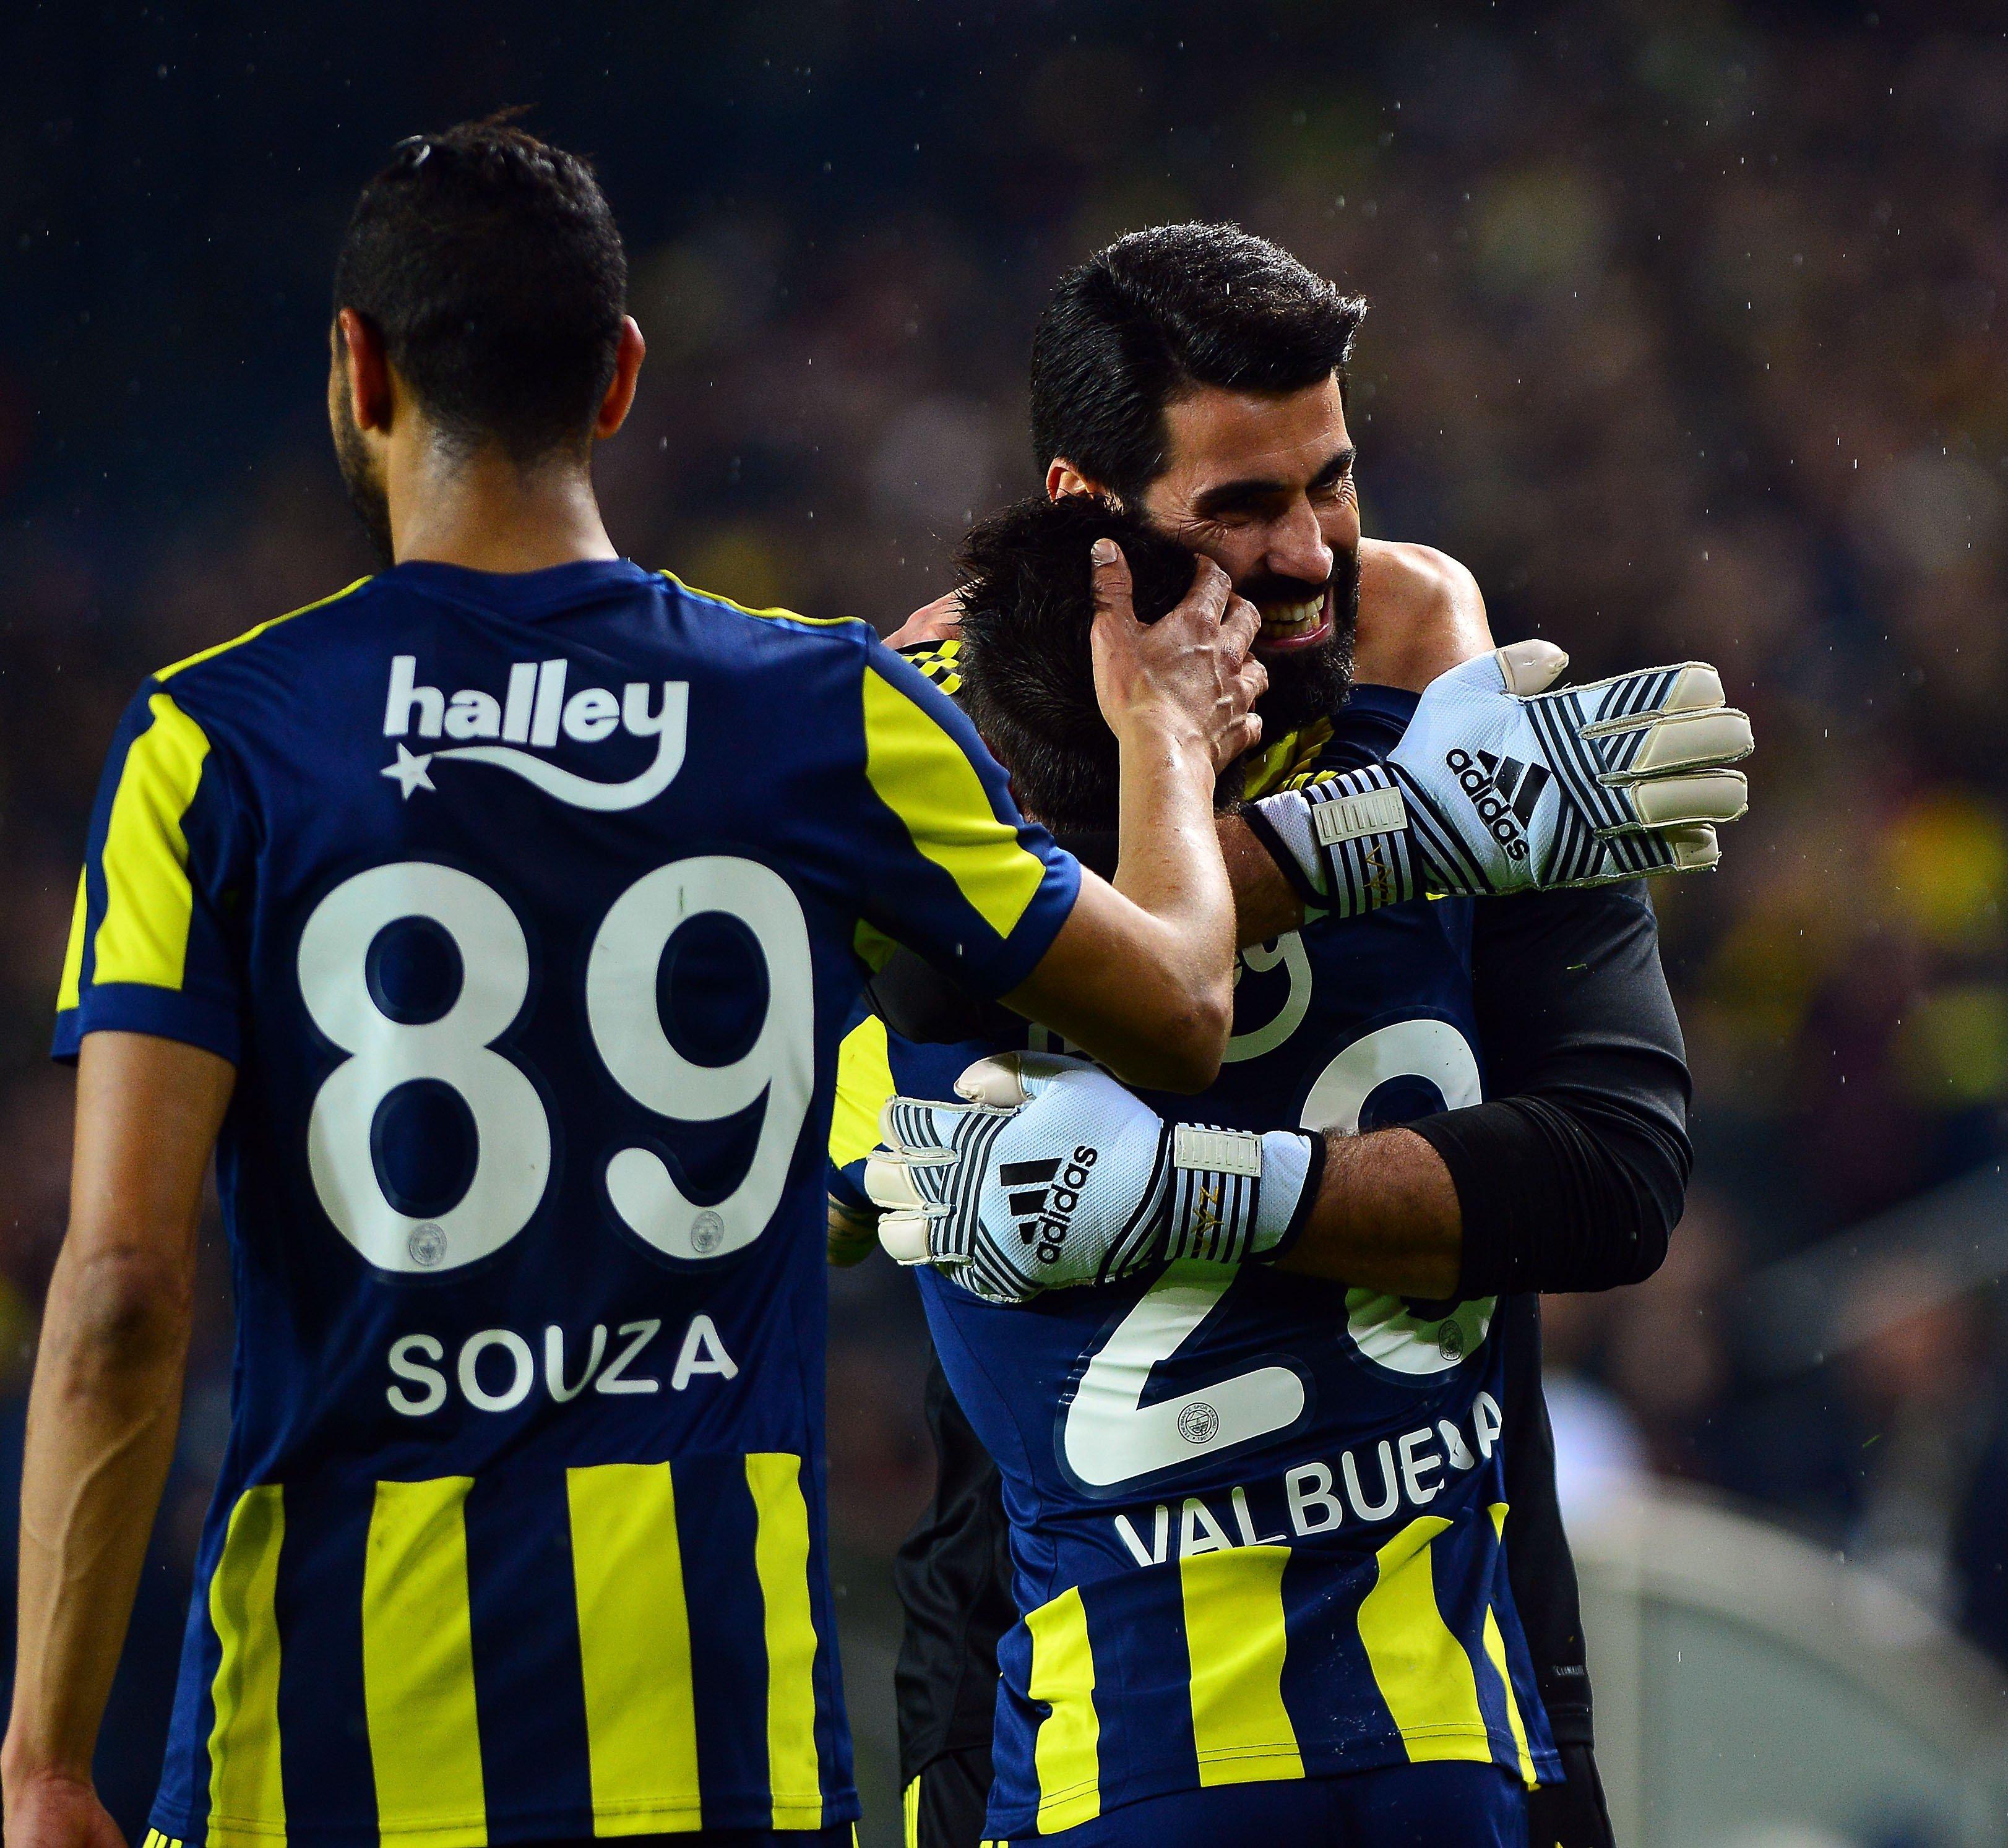 Fenerbahçeli futbolcunun transferinde sürpriz! 2. Lig kulübü istiyor